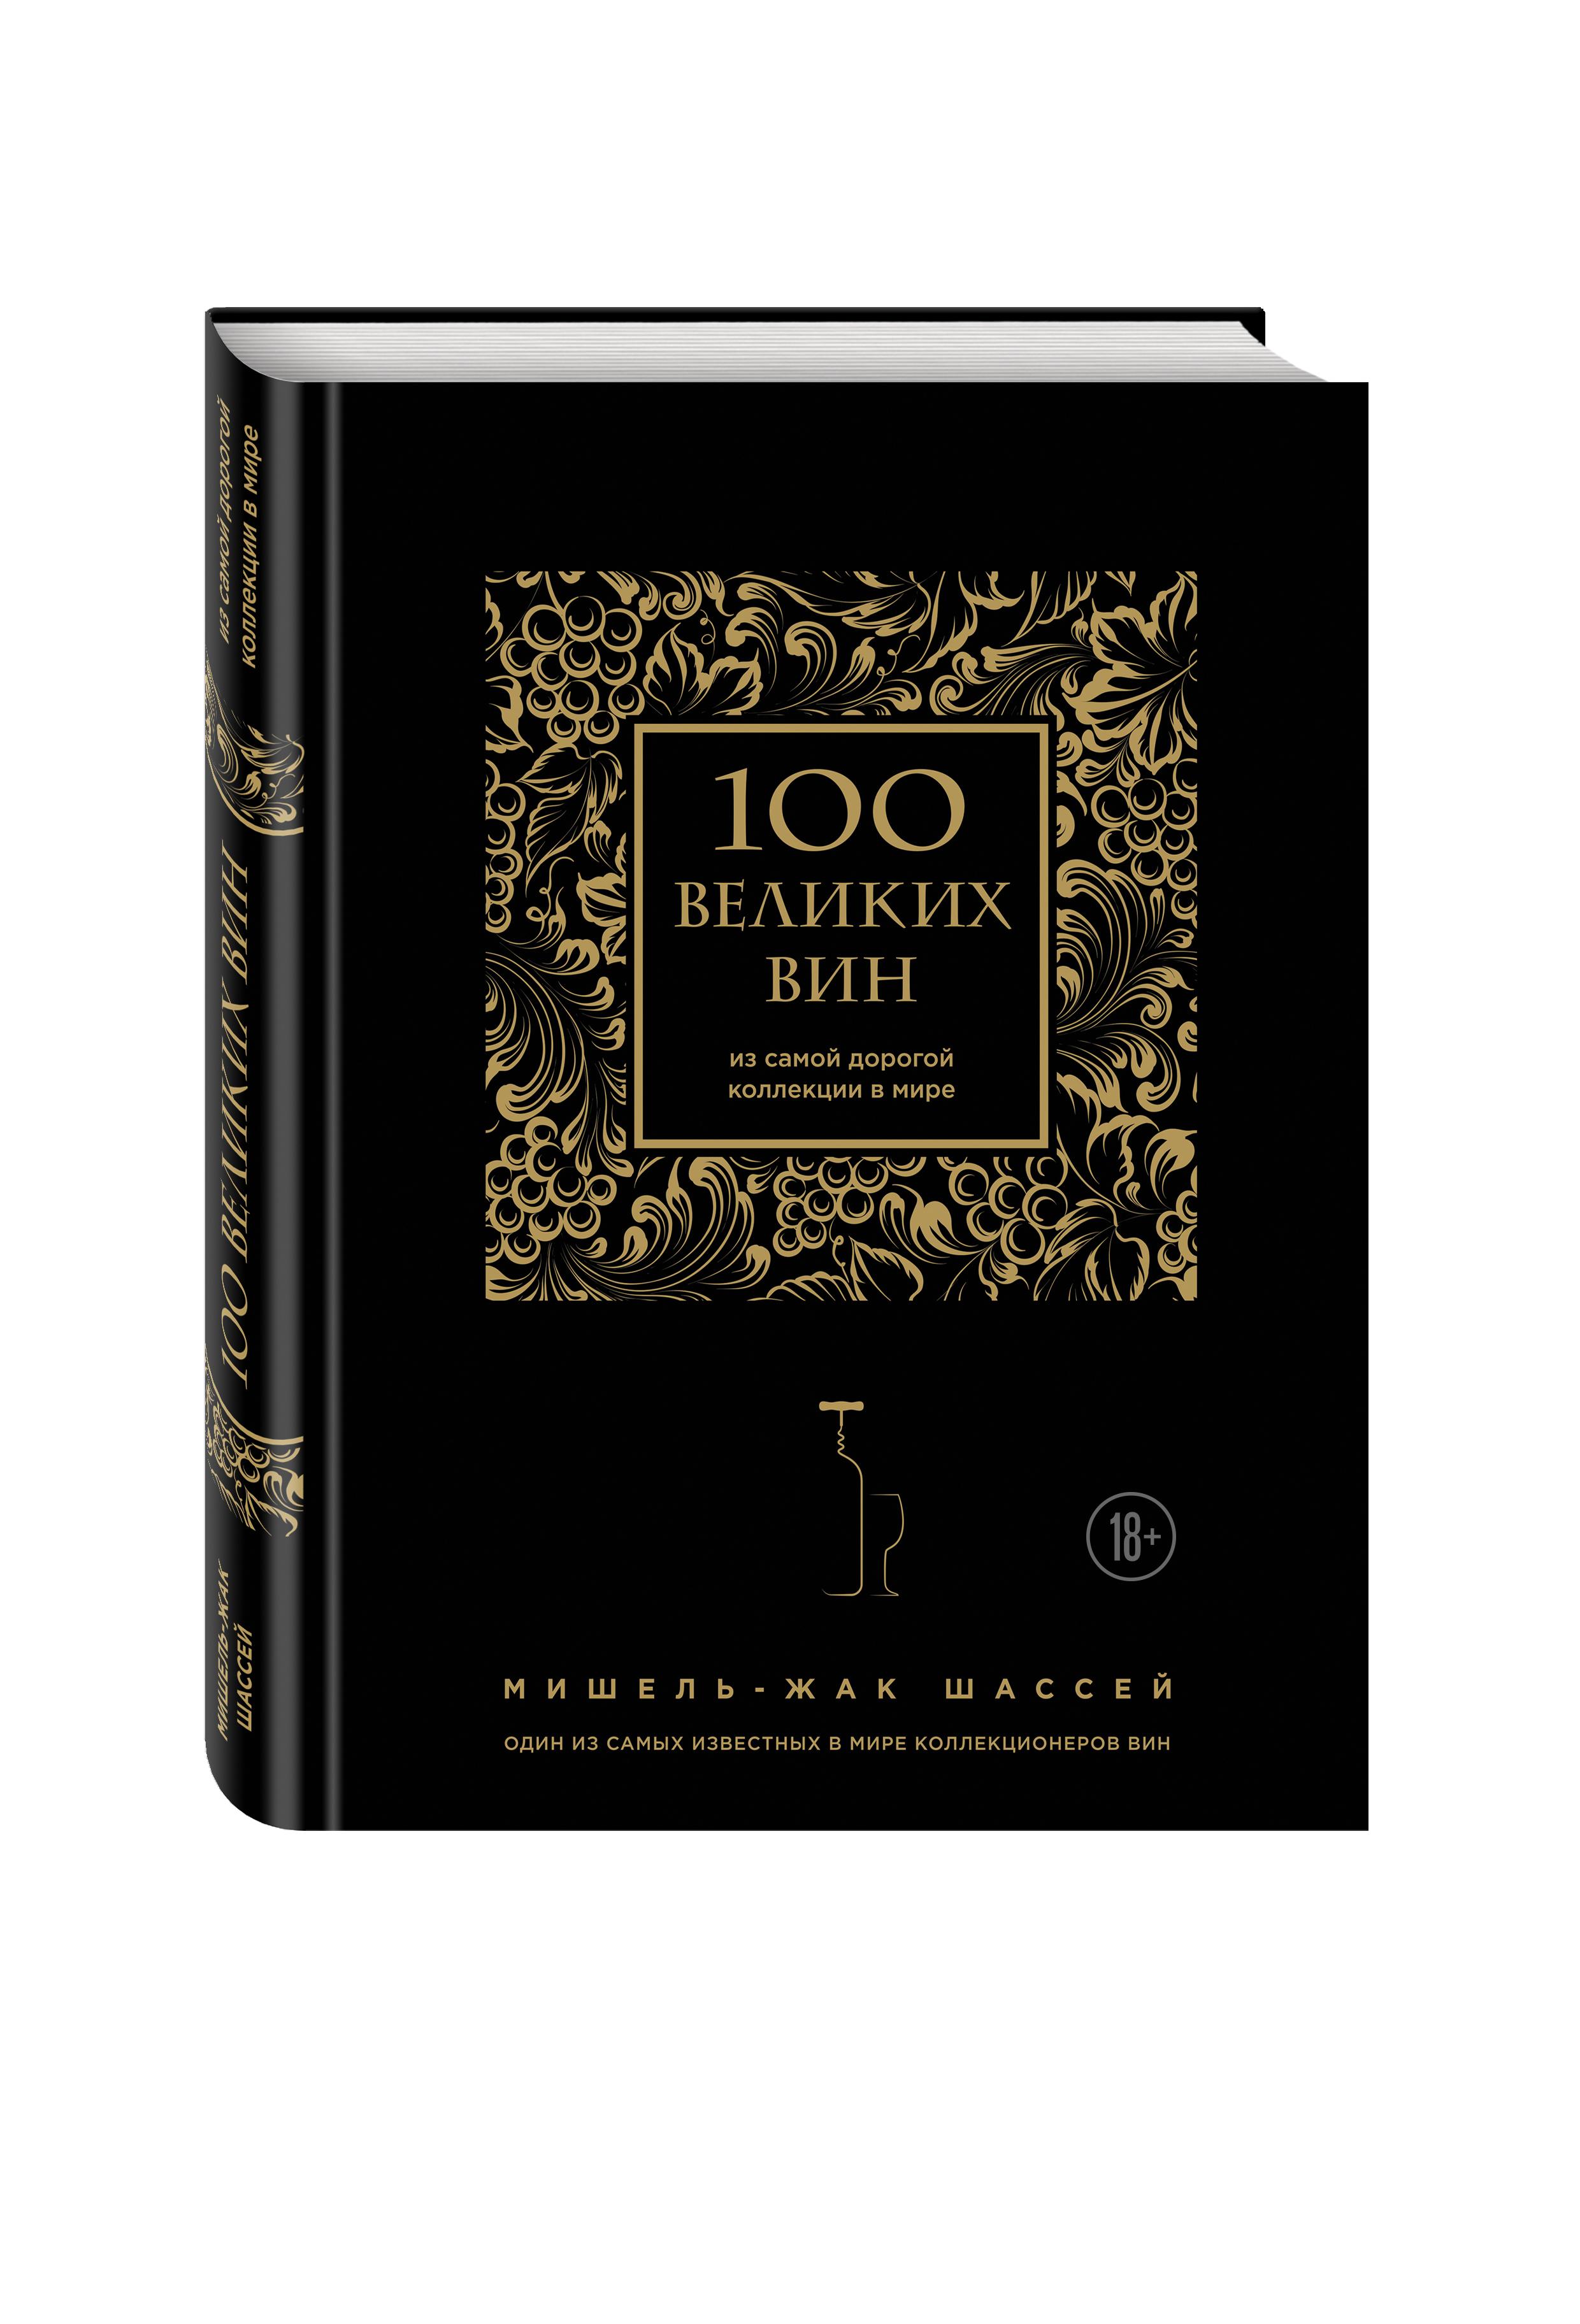 Шассей Мишель-Жак 100 великих вин из самой дорогой коллекции в мире (черная обложка)